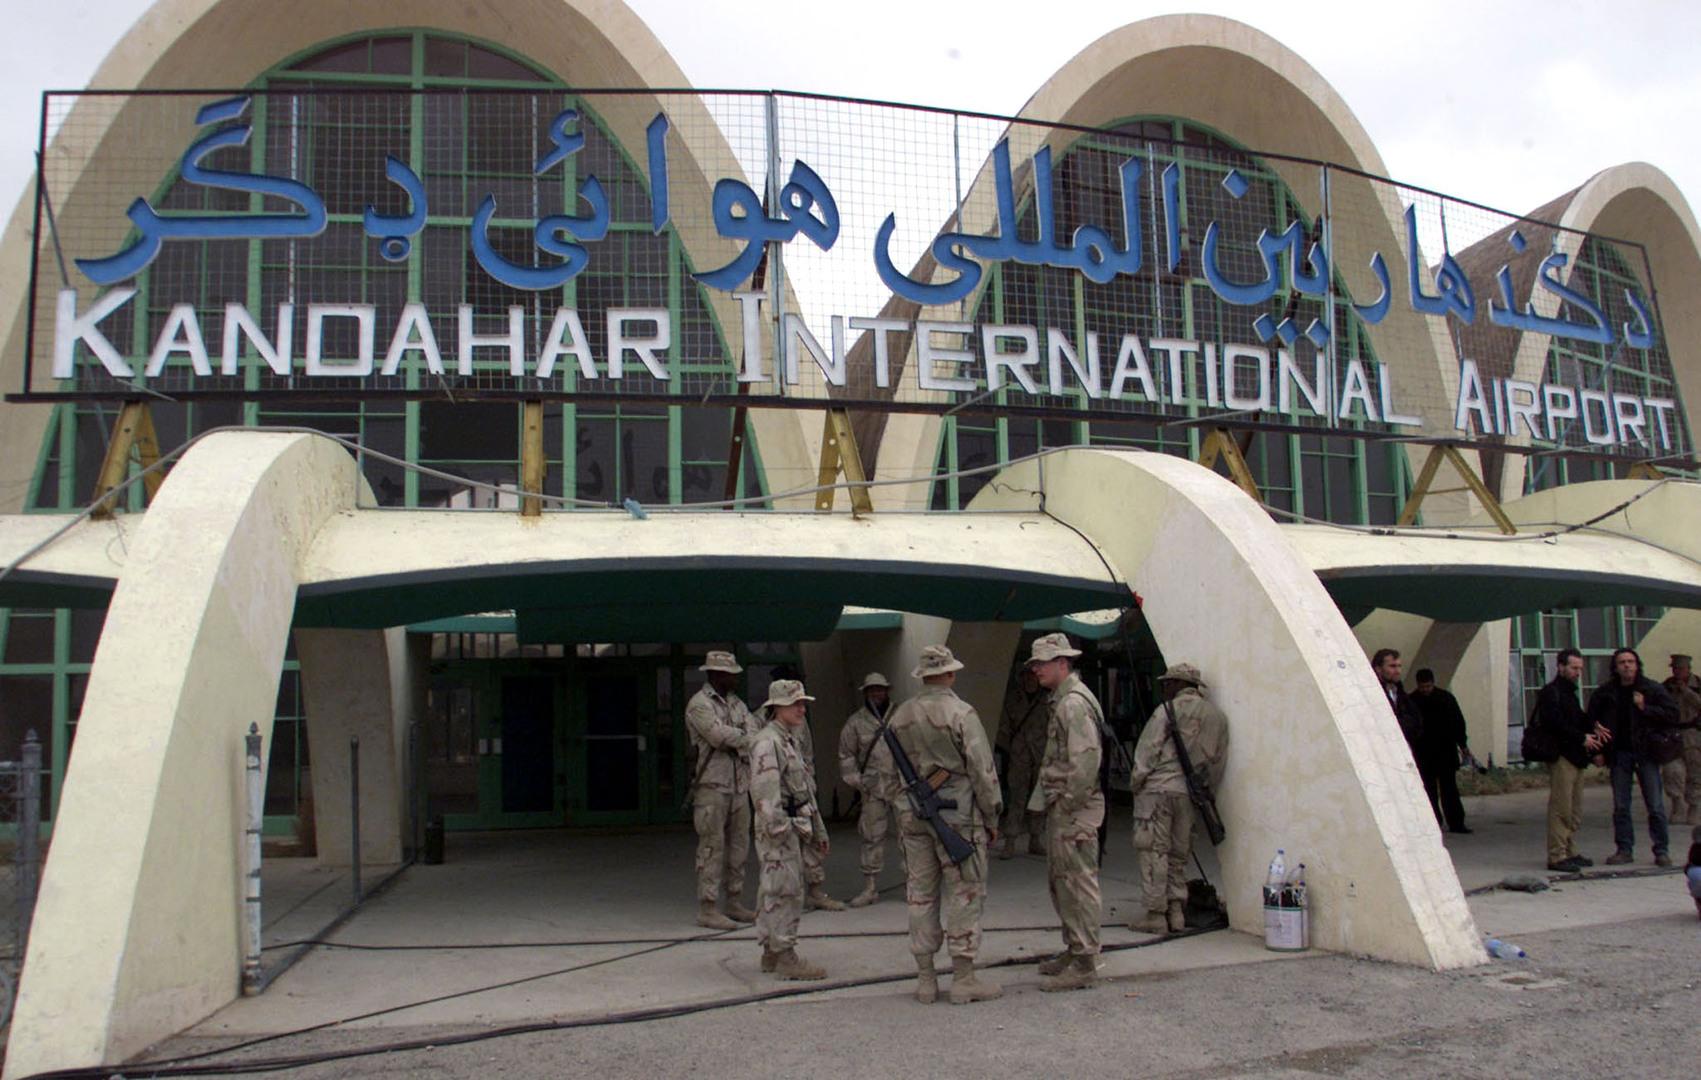 طالبان تقول إن مقاتليها شنوا هجوما بصواريخ على مطار قندهار جنوب أفغانستان